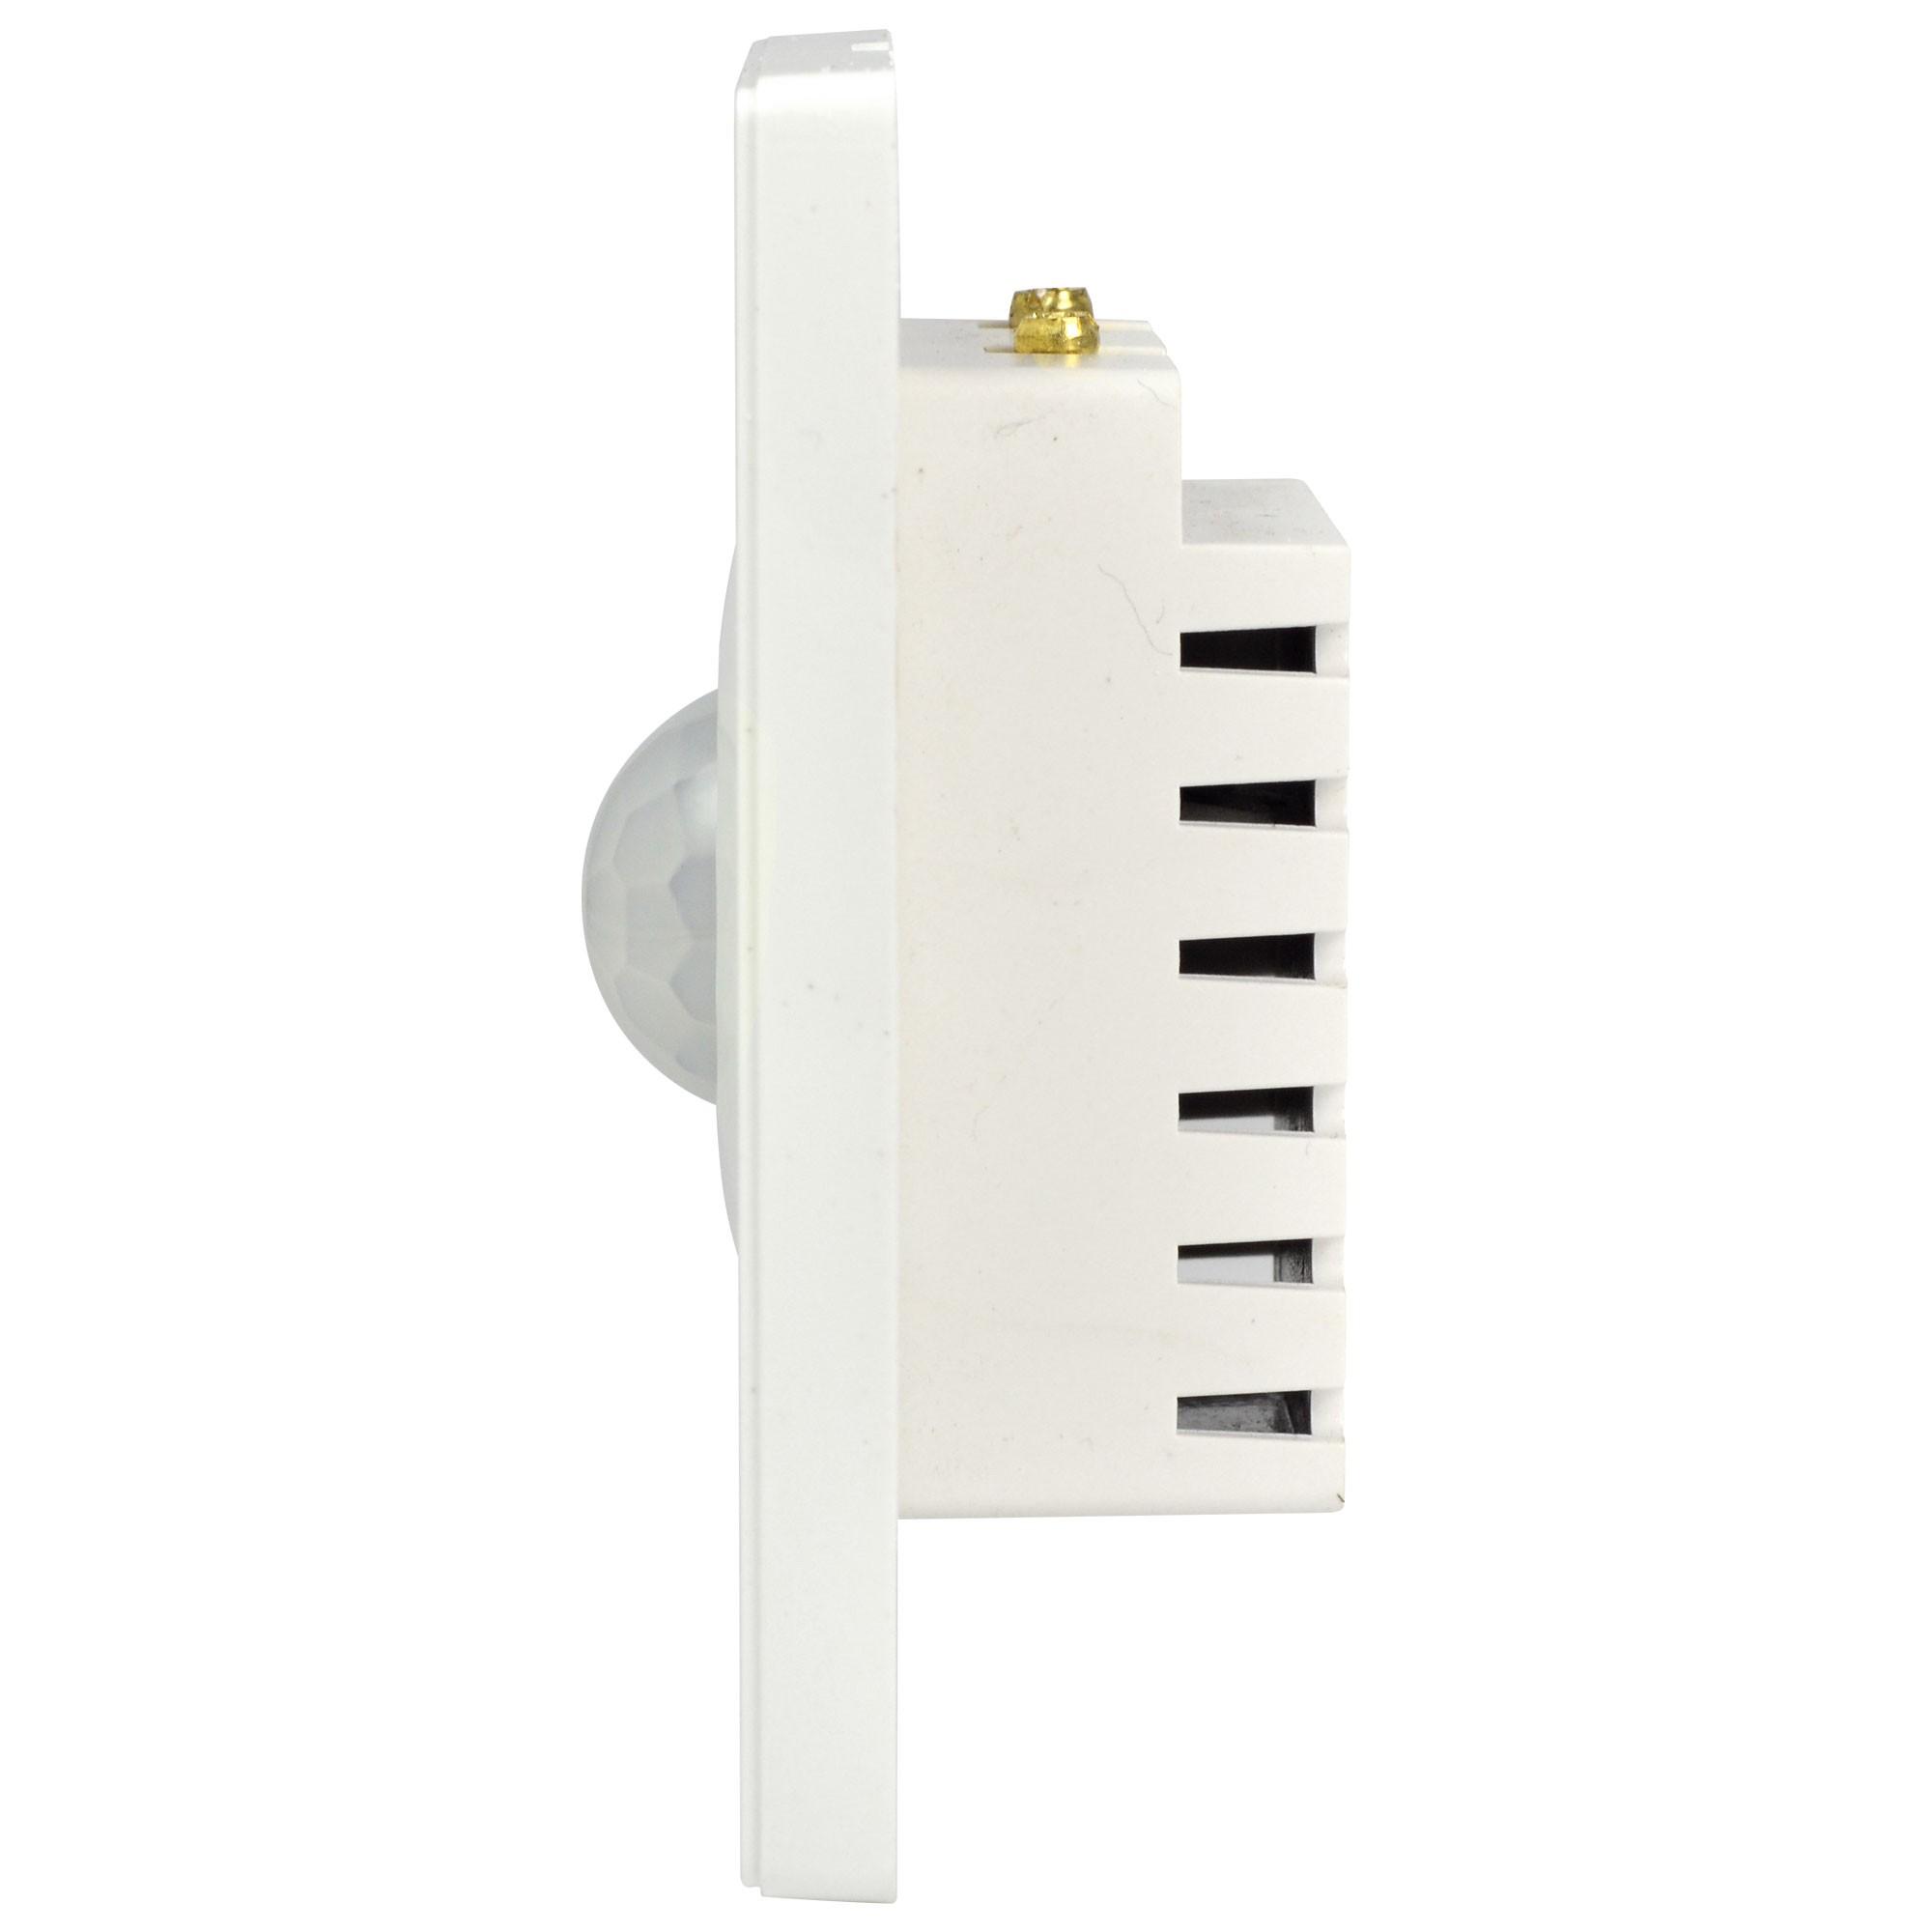 Mengsled Mengs R 181 Pir Infrared Motion Sensor Light Switch For Led Low Energy Saving Bulbs